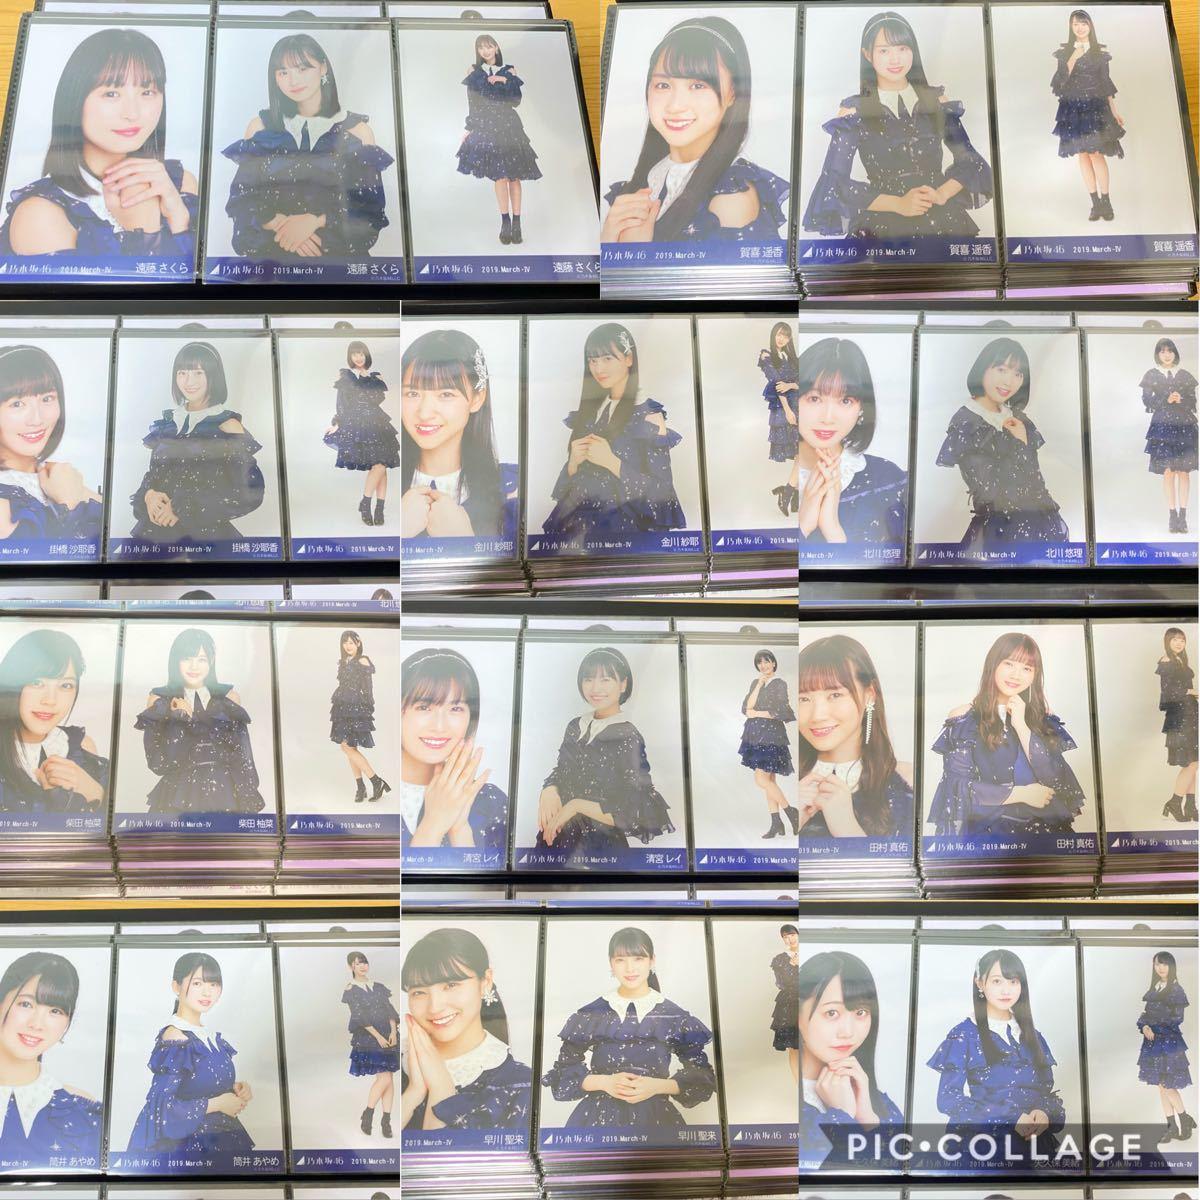 乃木坂46 生写真 スペシャル衣装17 4期生11名フルコンプ